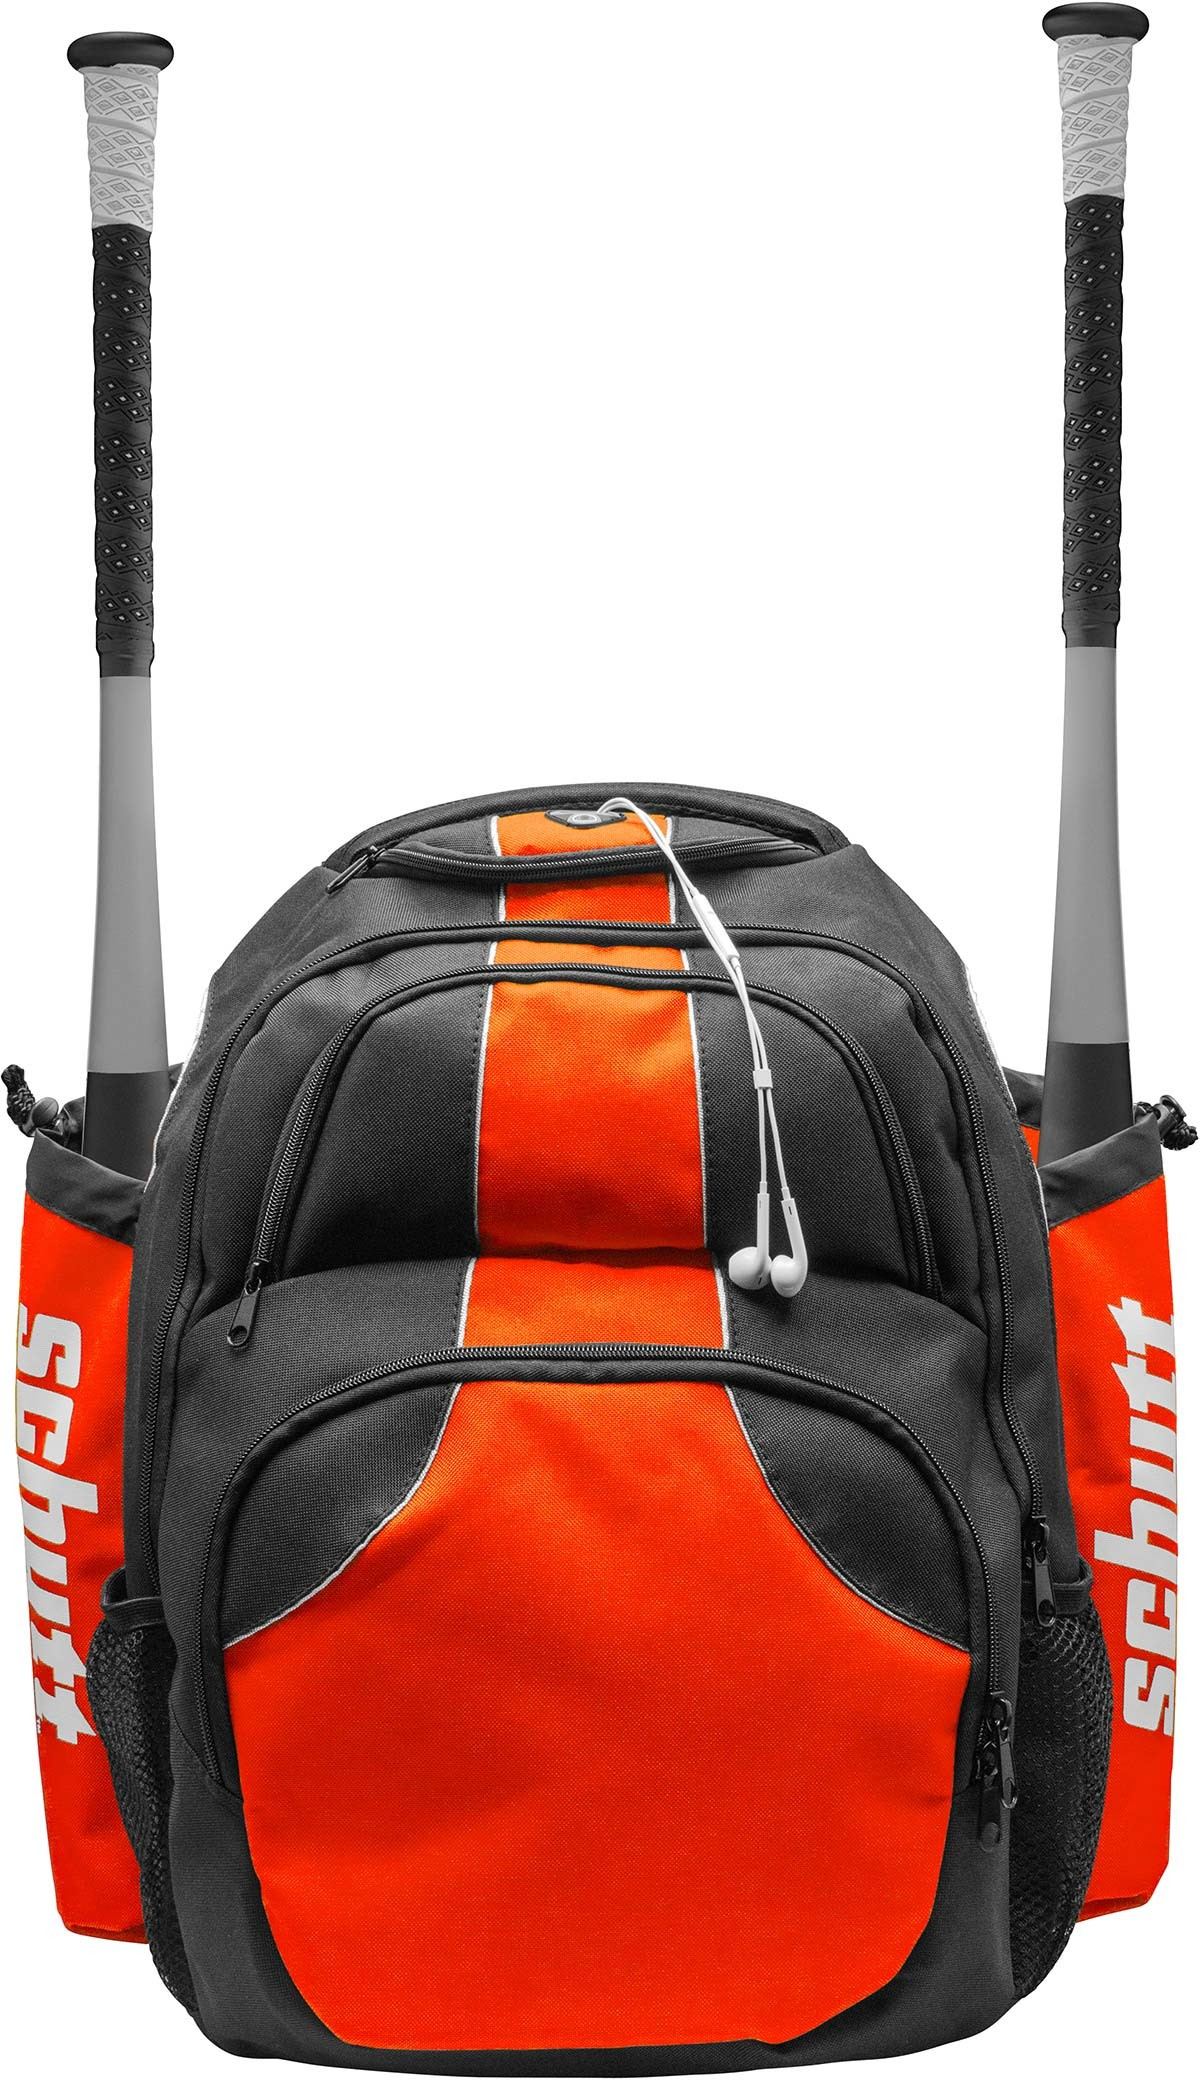 d37448893804 Schutt Large Team Equipment Bag Schutt Sports 12845506 Christmas ...